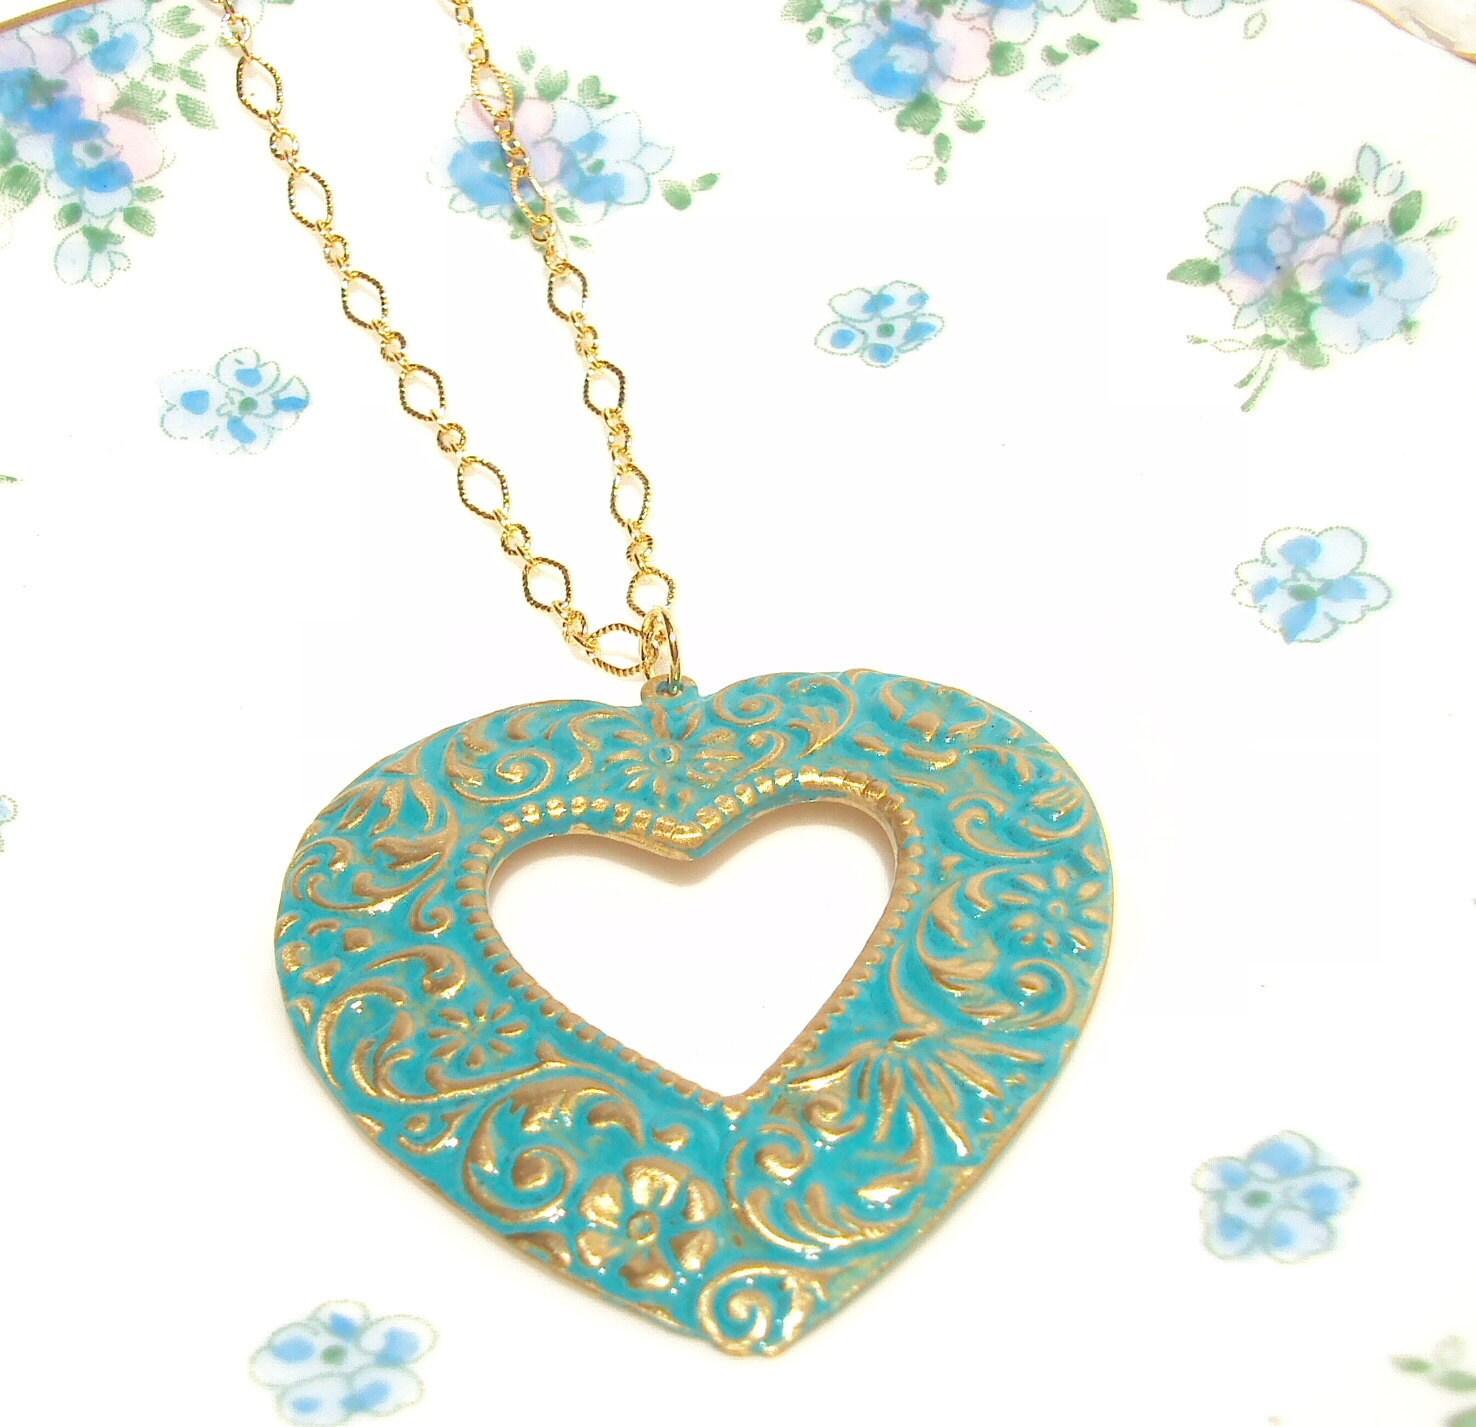 Heartstrings - Heart Necklace